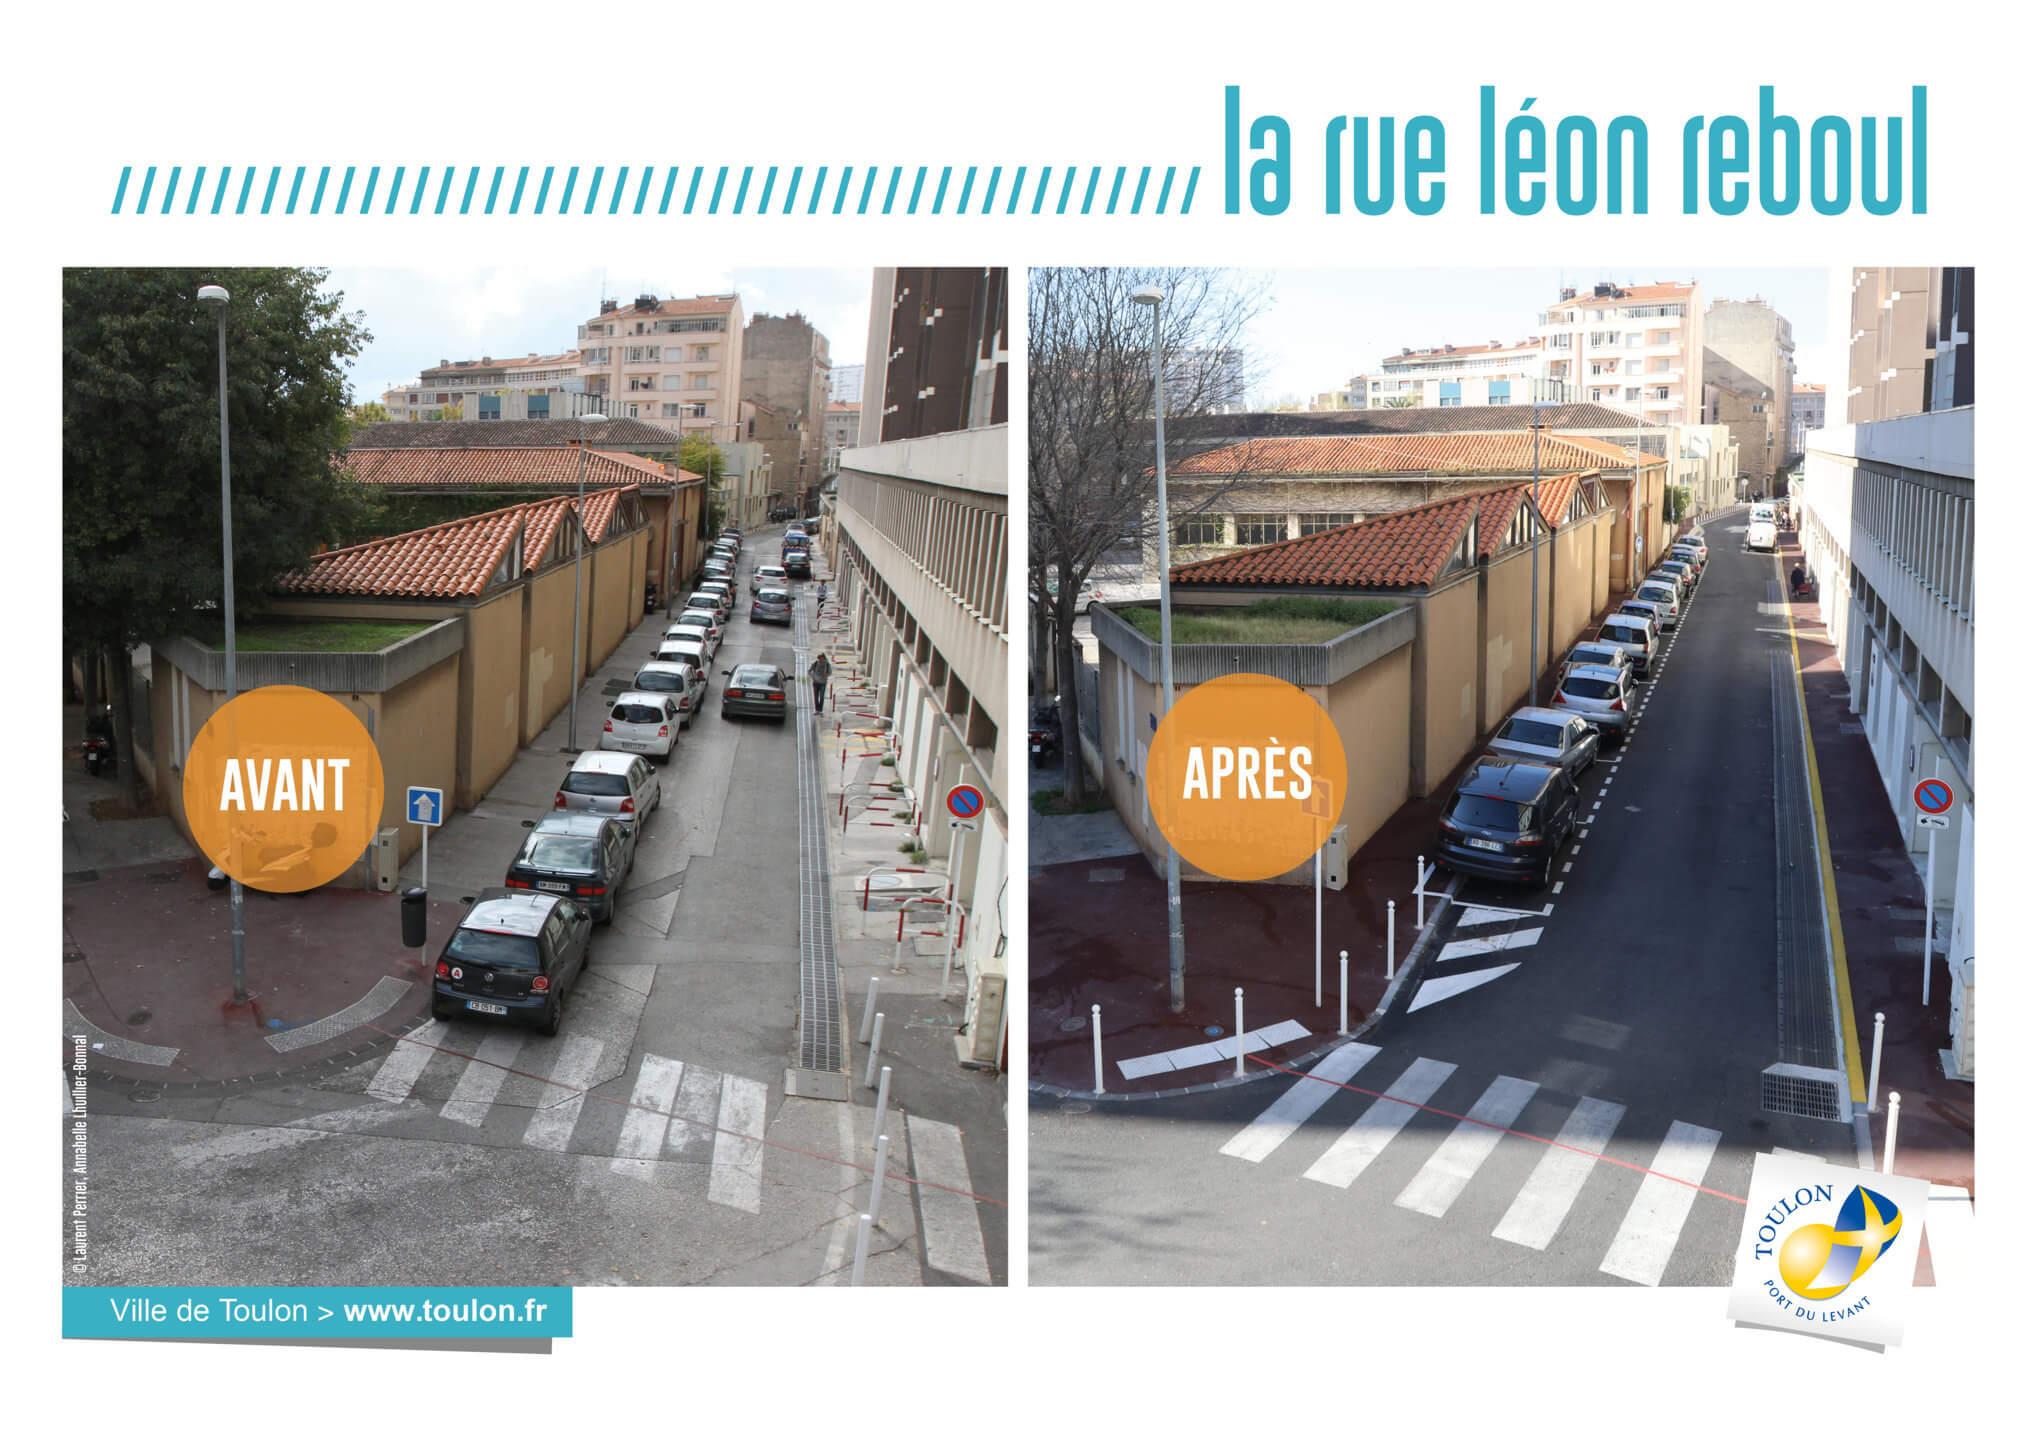 La rue léon reboul